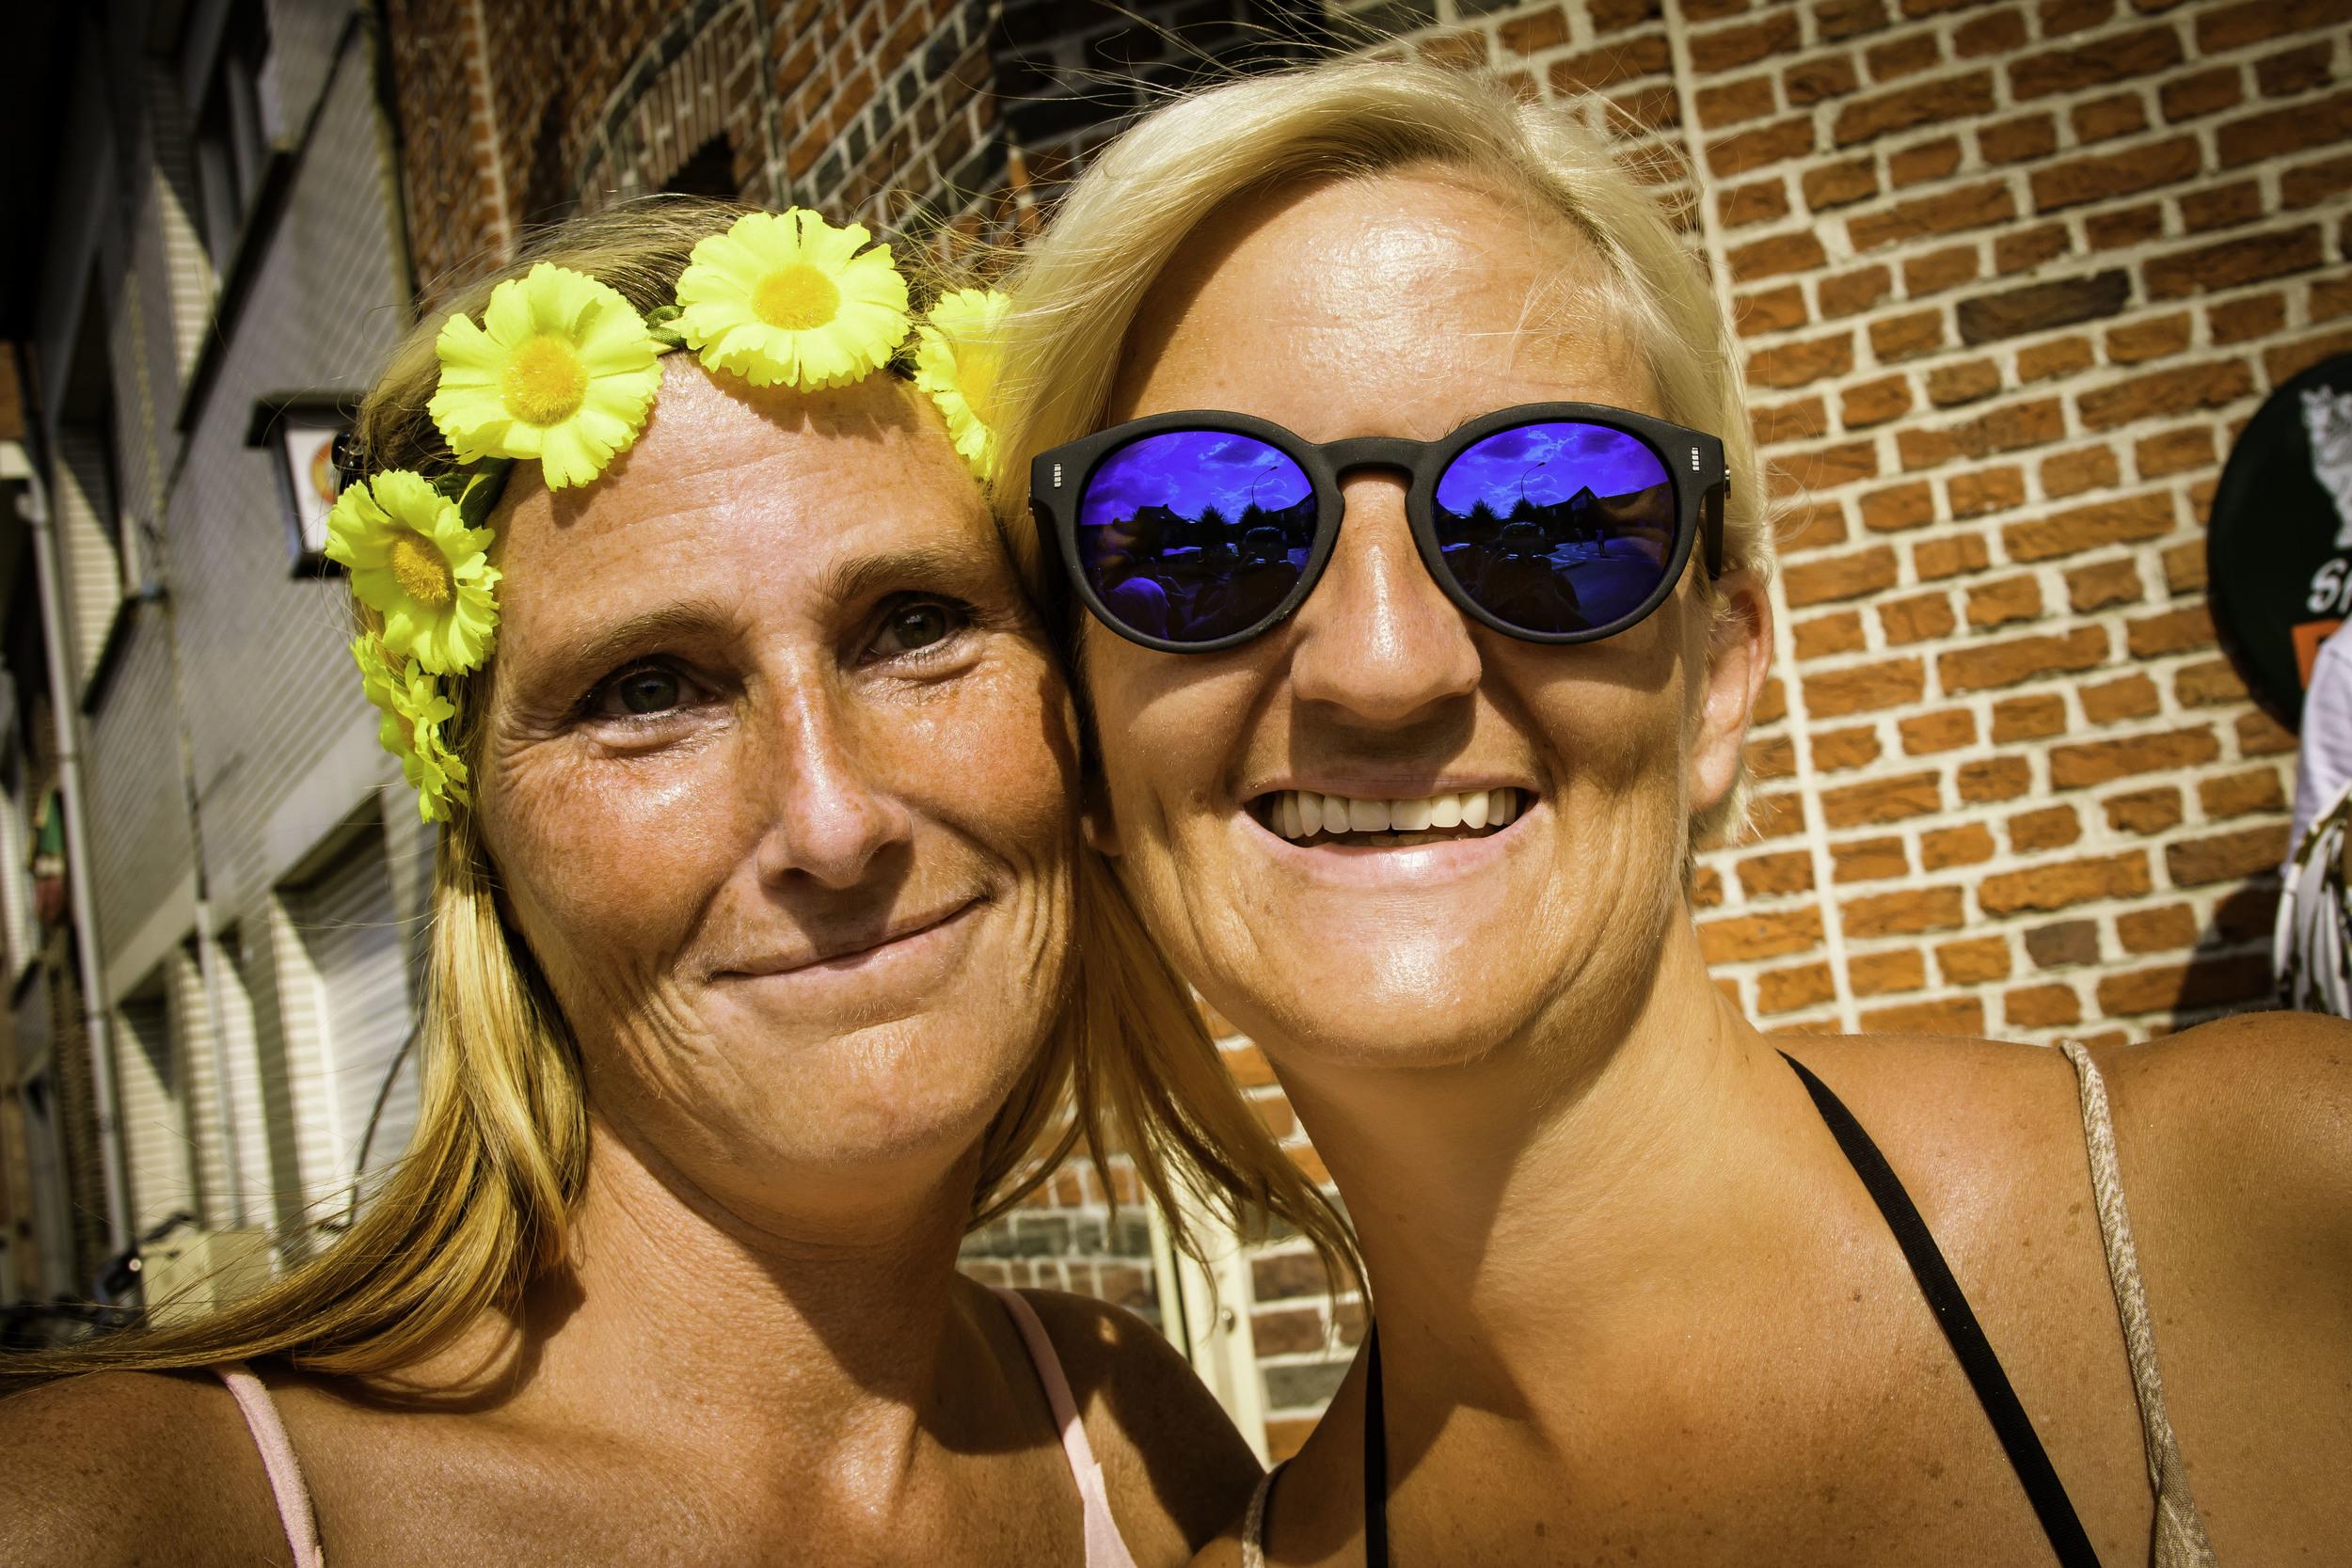 viewfinder-geen-eigenzinnige-fotografie-wel-snapshots-tomorrowland-themadness-2016-flowergirls-cafe-bar-tabac